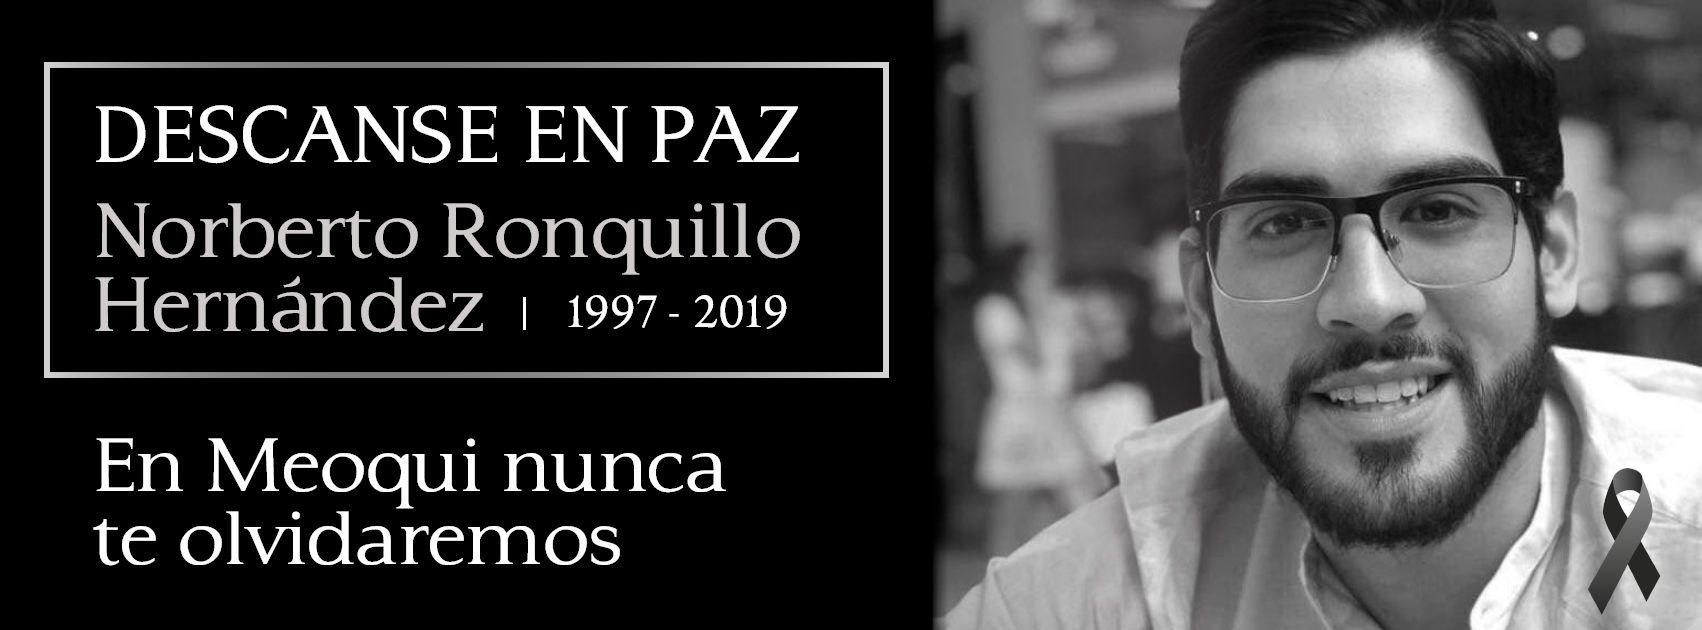 La despedida de la comunidad de Meoqui para Ronquillo (Foto: Facebook – Presidencia municipal de Meoqui)